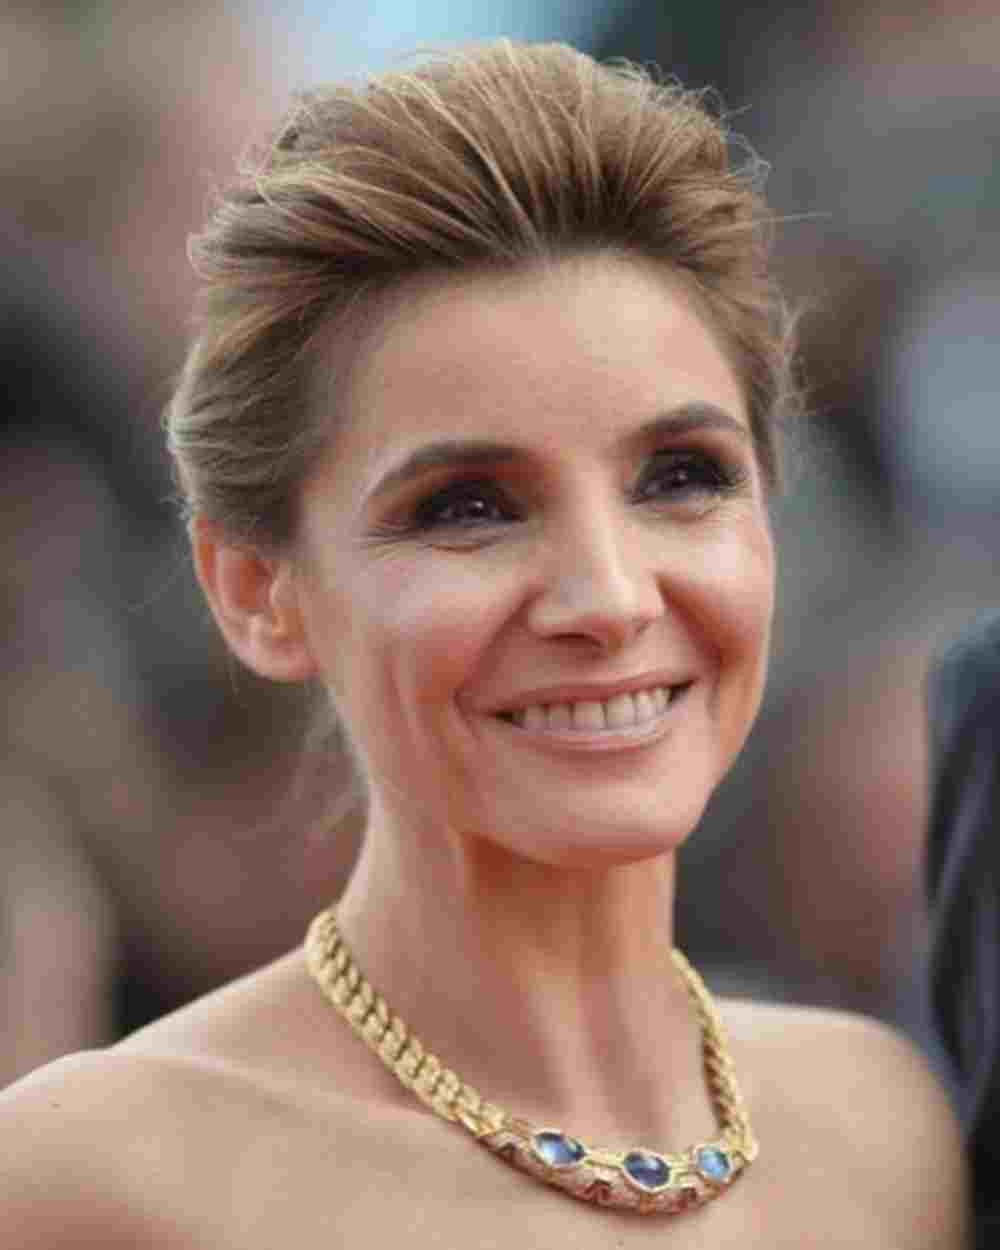 Clotilde Courau, chi è moglie di Emanuele Filiberto? Figli, matrimonio, oggi, film